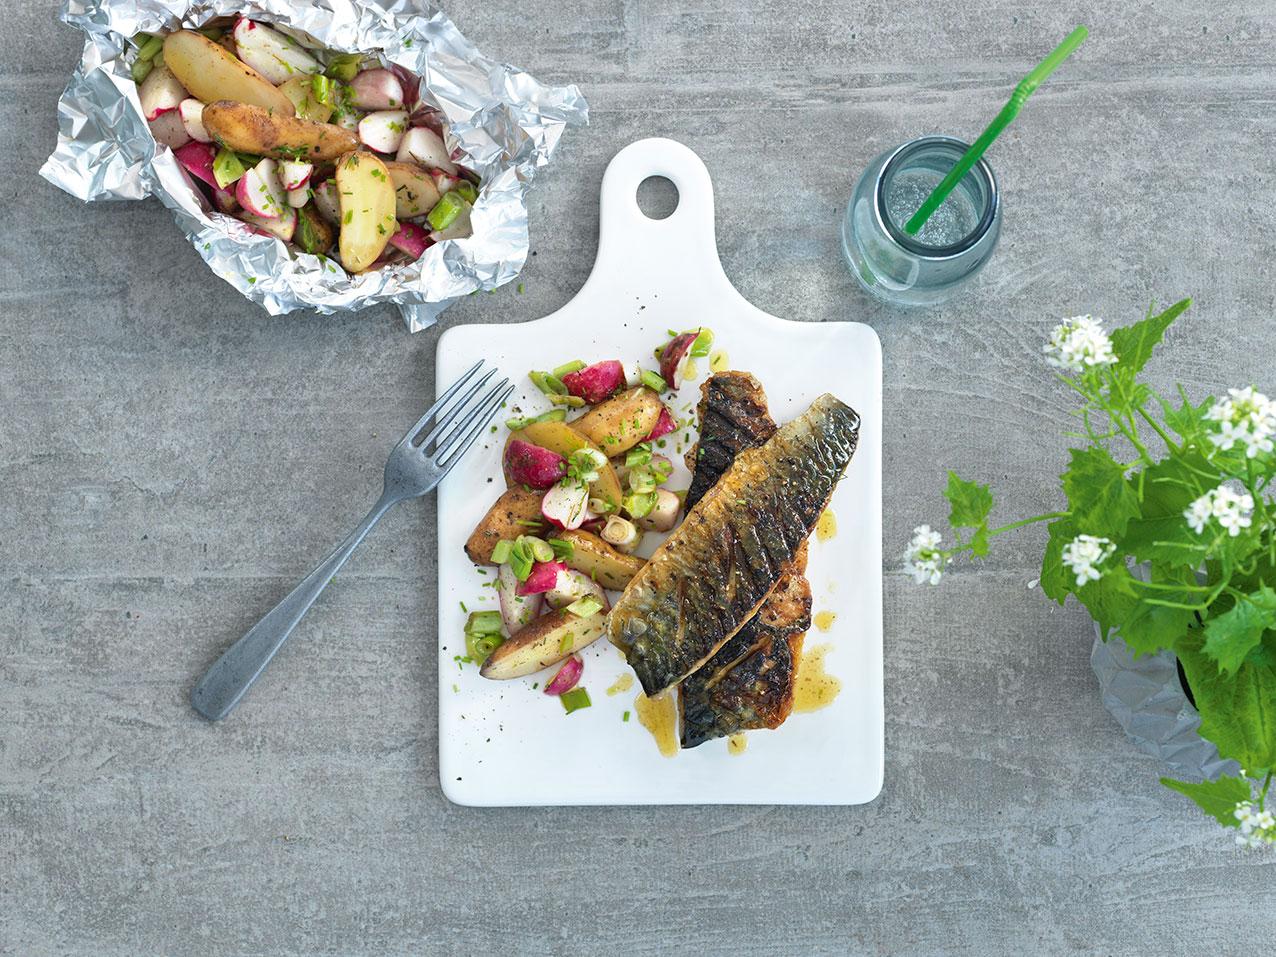 grillet fisk med grønnsaker